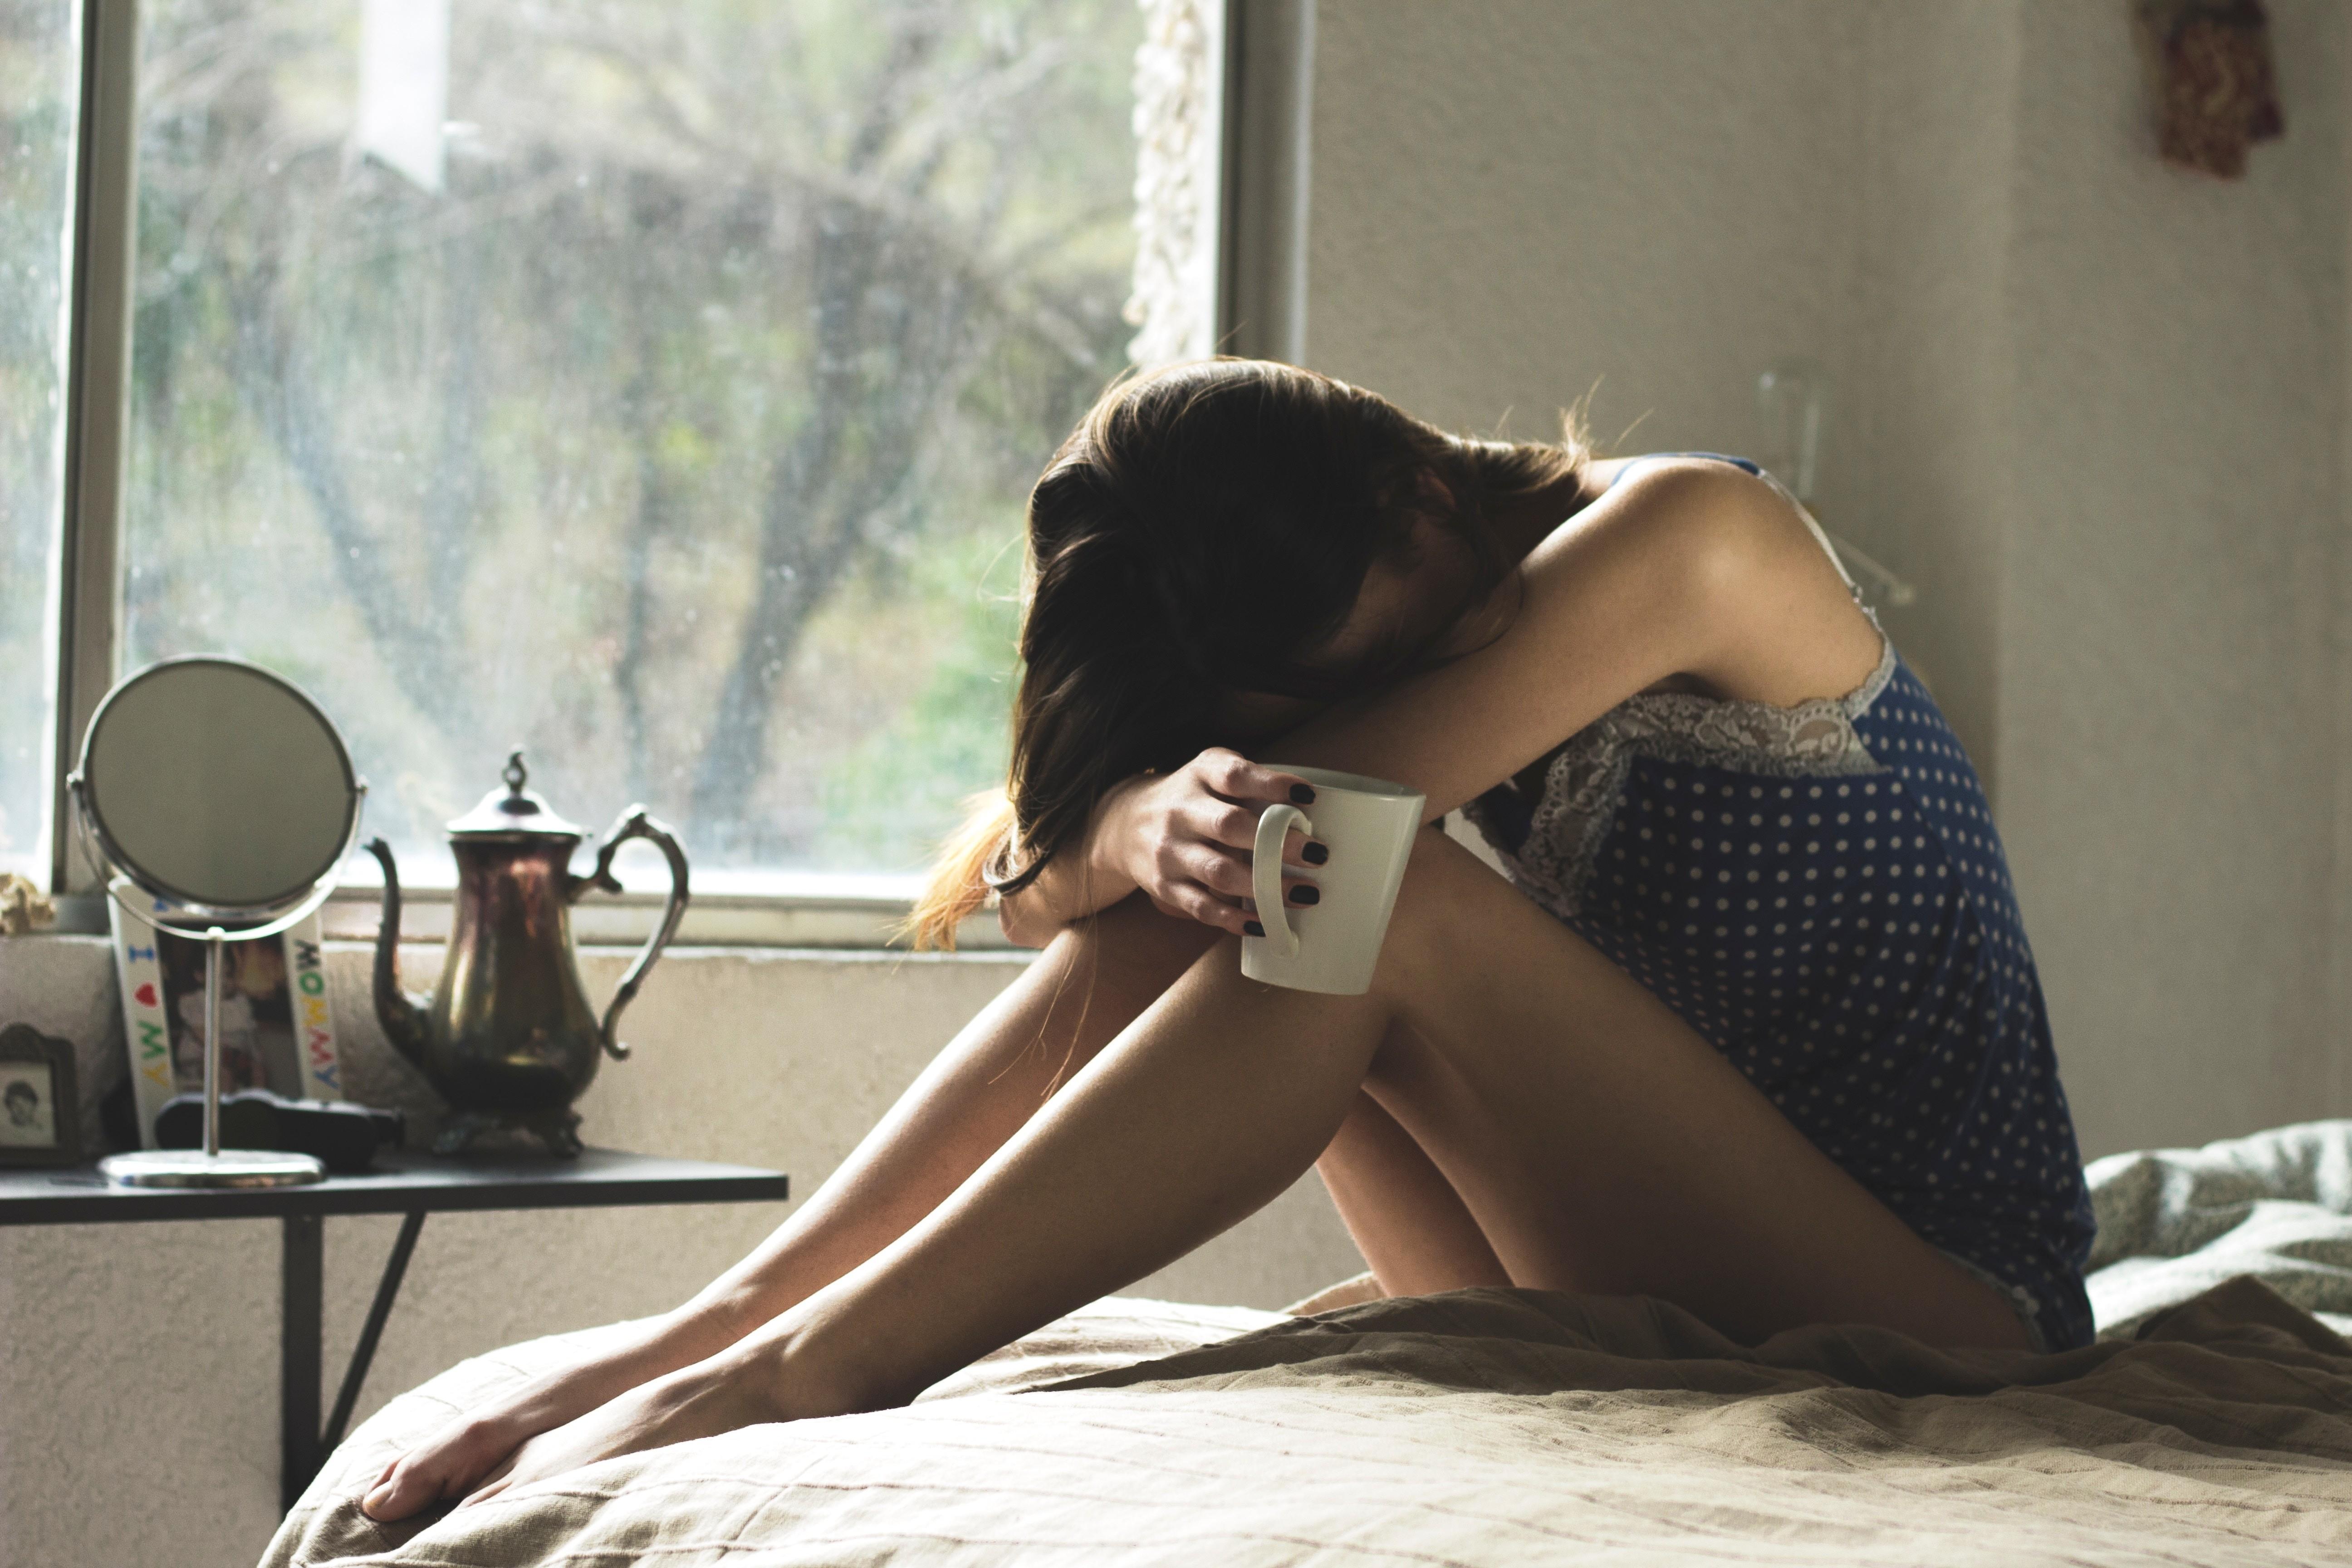 12 признаков, что ты состоишь в токсичных отношениях